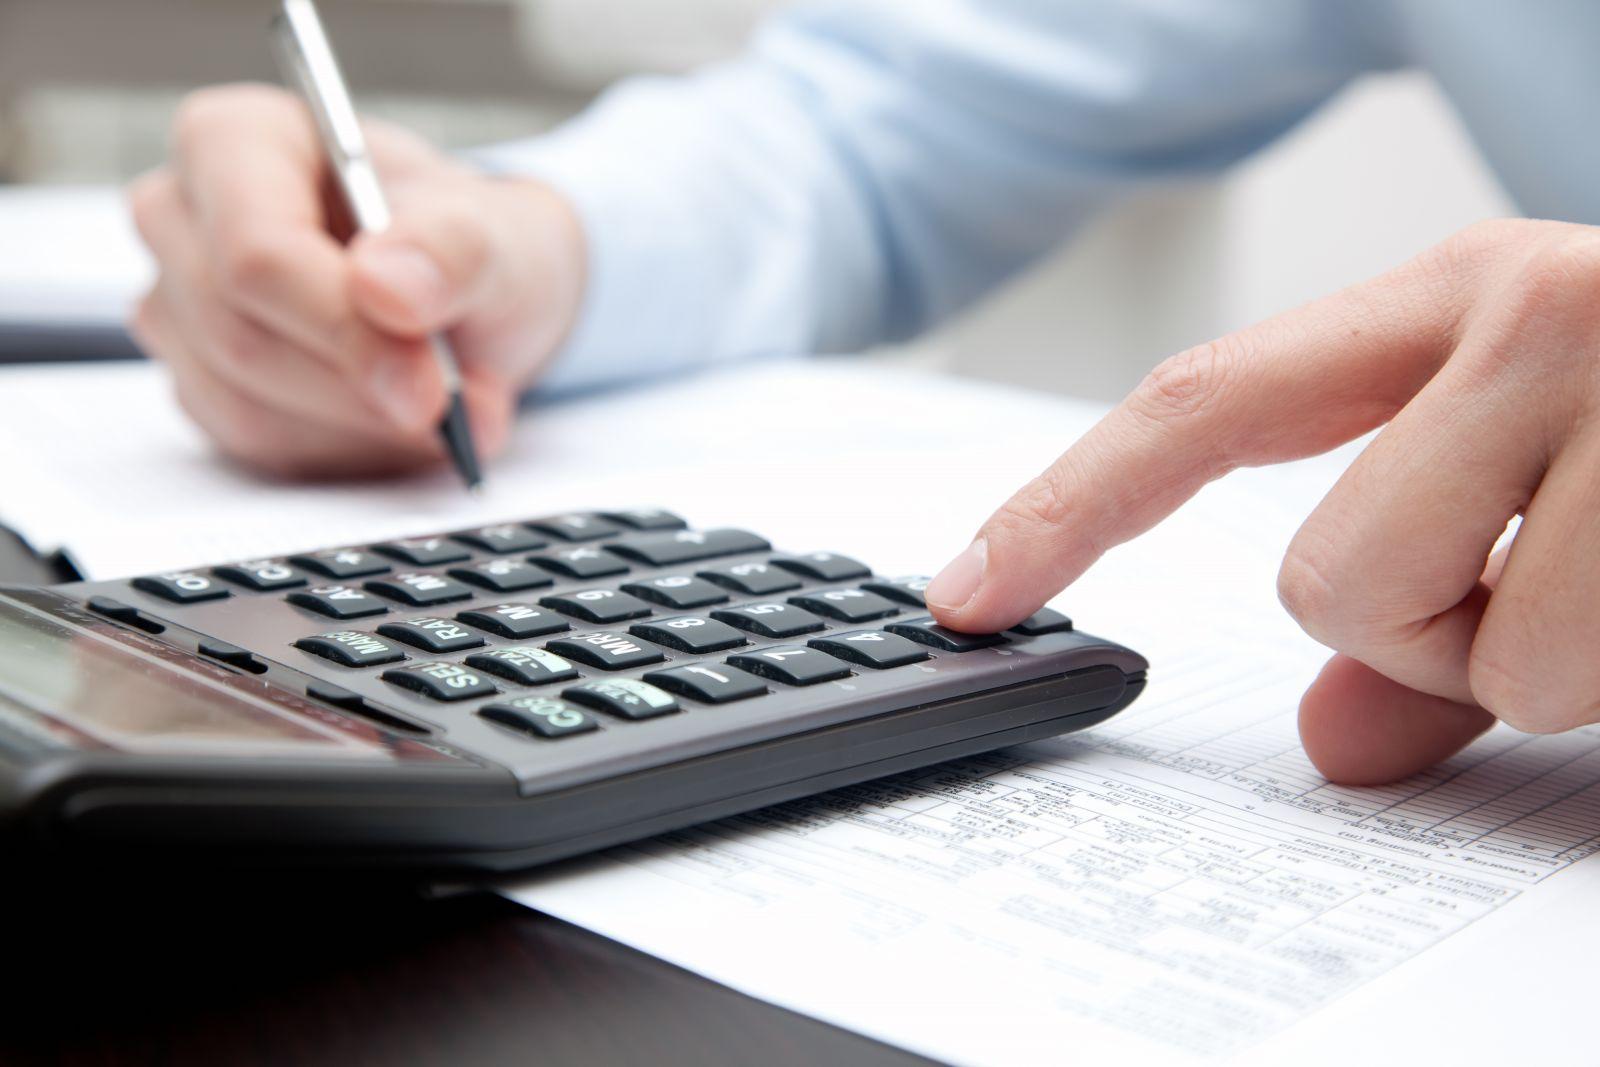 Prazo para declarar o imposto de renda 2018 termina em 30 de Abril